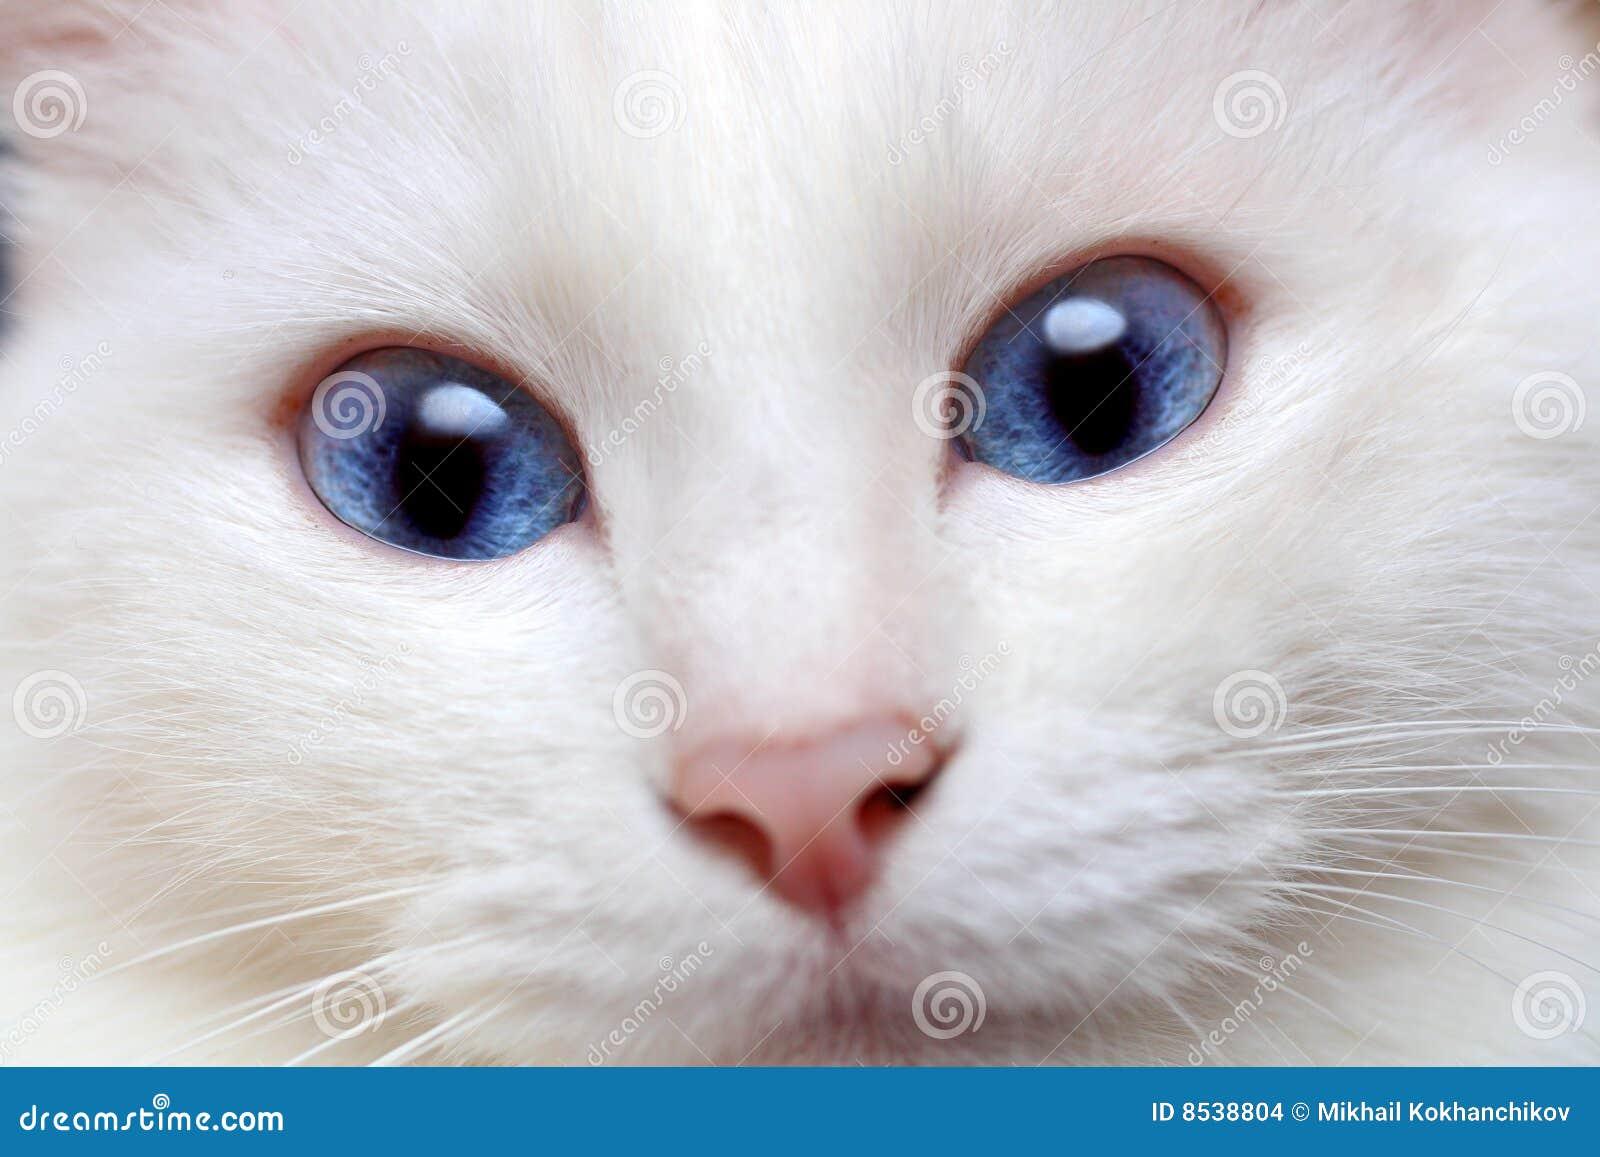 Blue Eye Cat Name